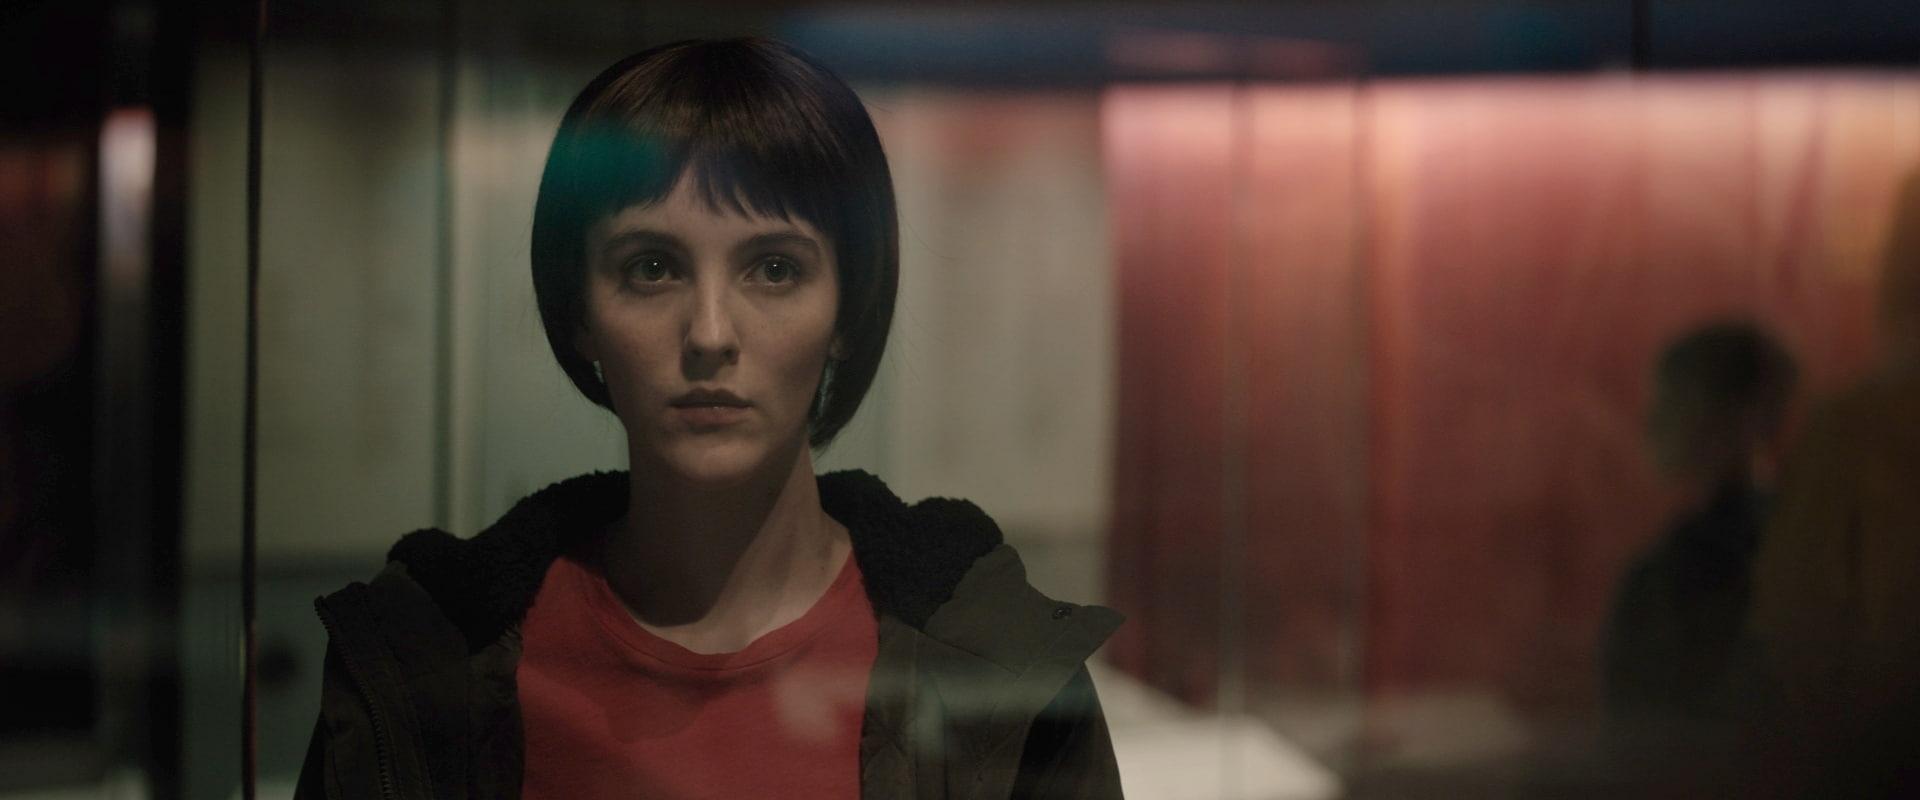 Рецензия на фильм «Роуз притворяется Джули». Deaddinos - изображение 3